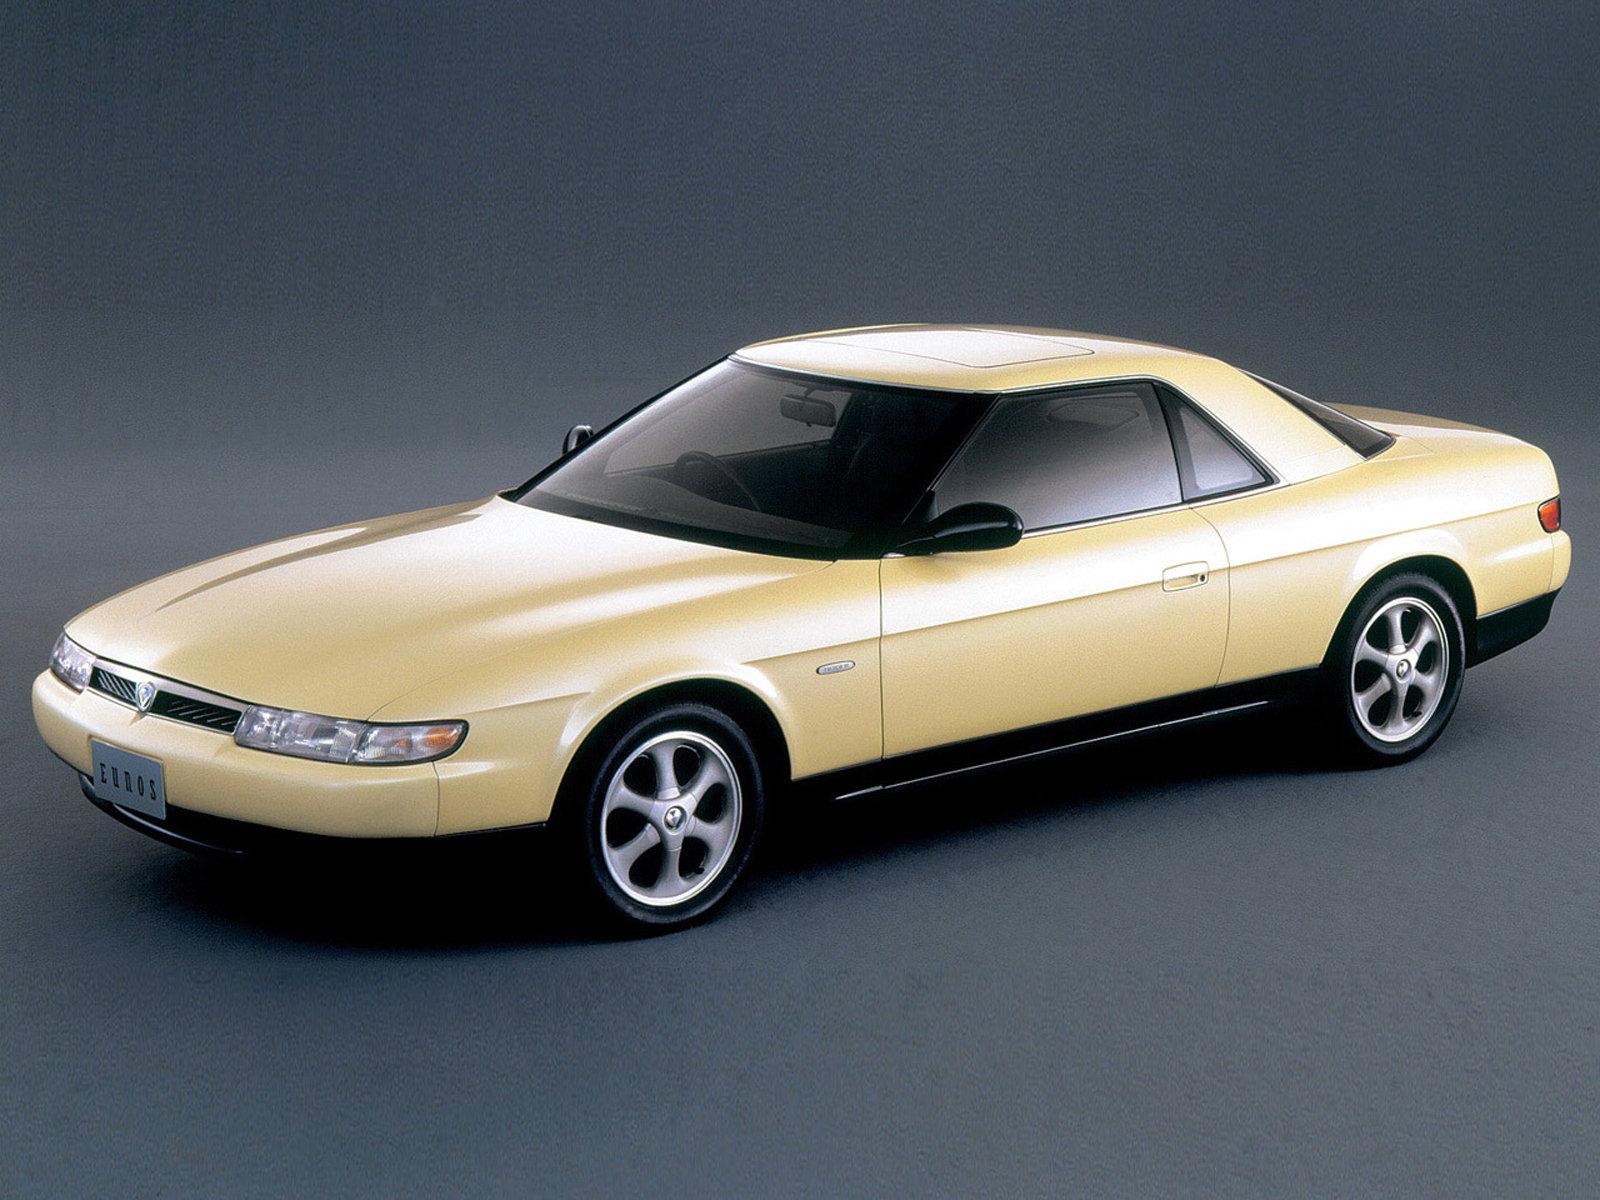 03-Mazda-Eunos-Cosmo